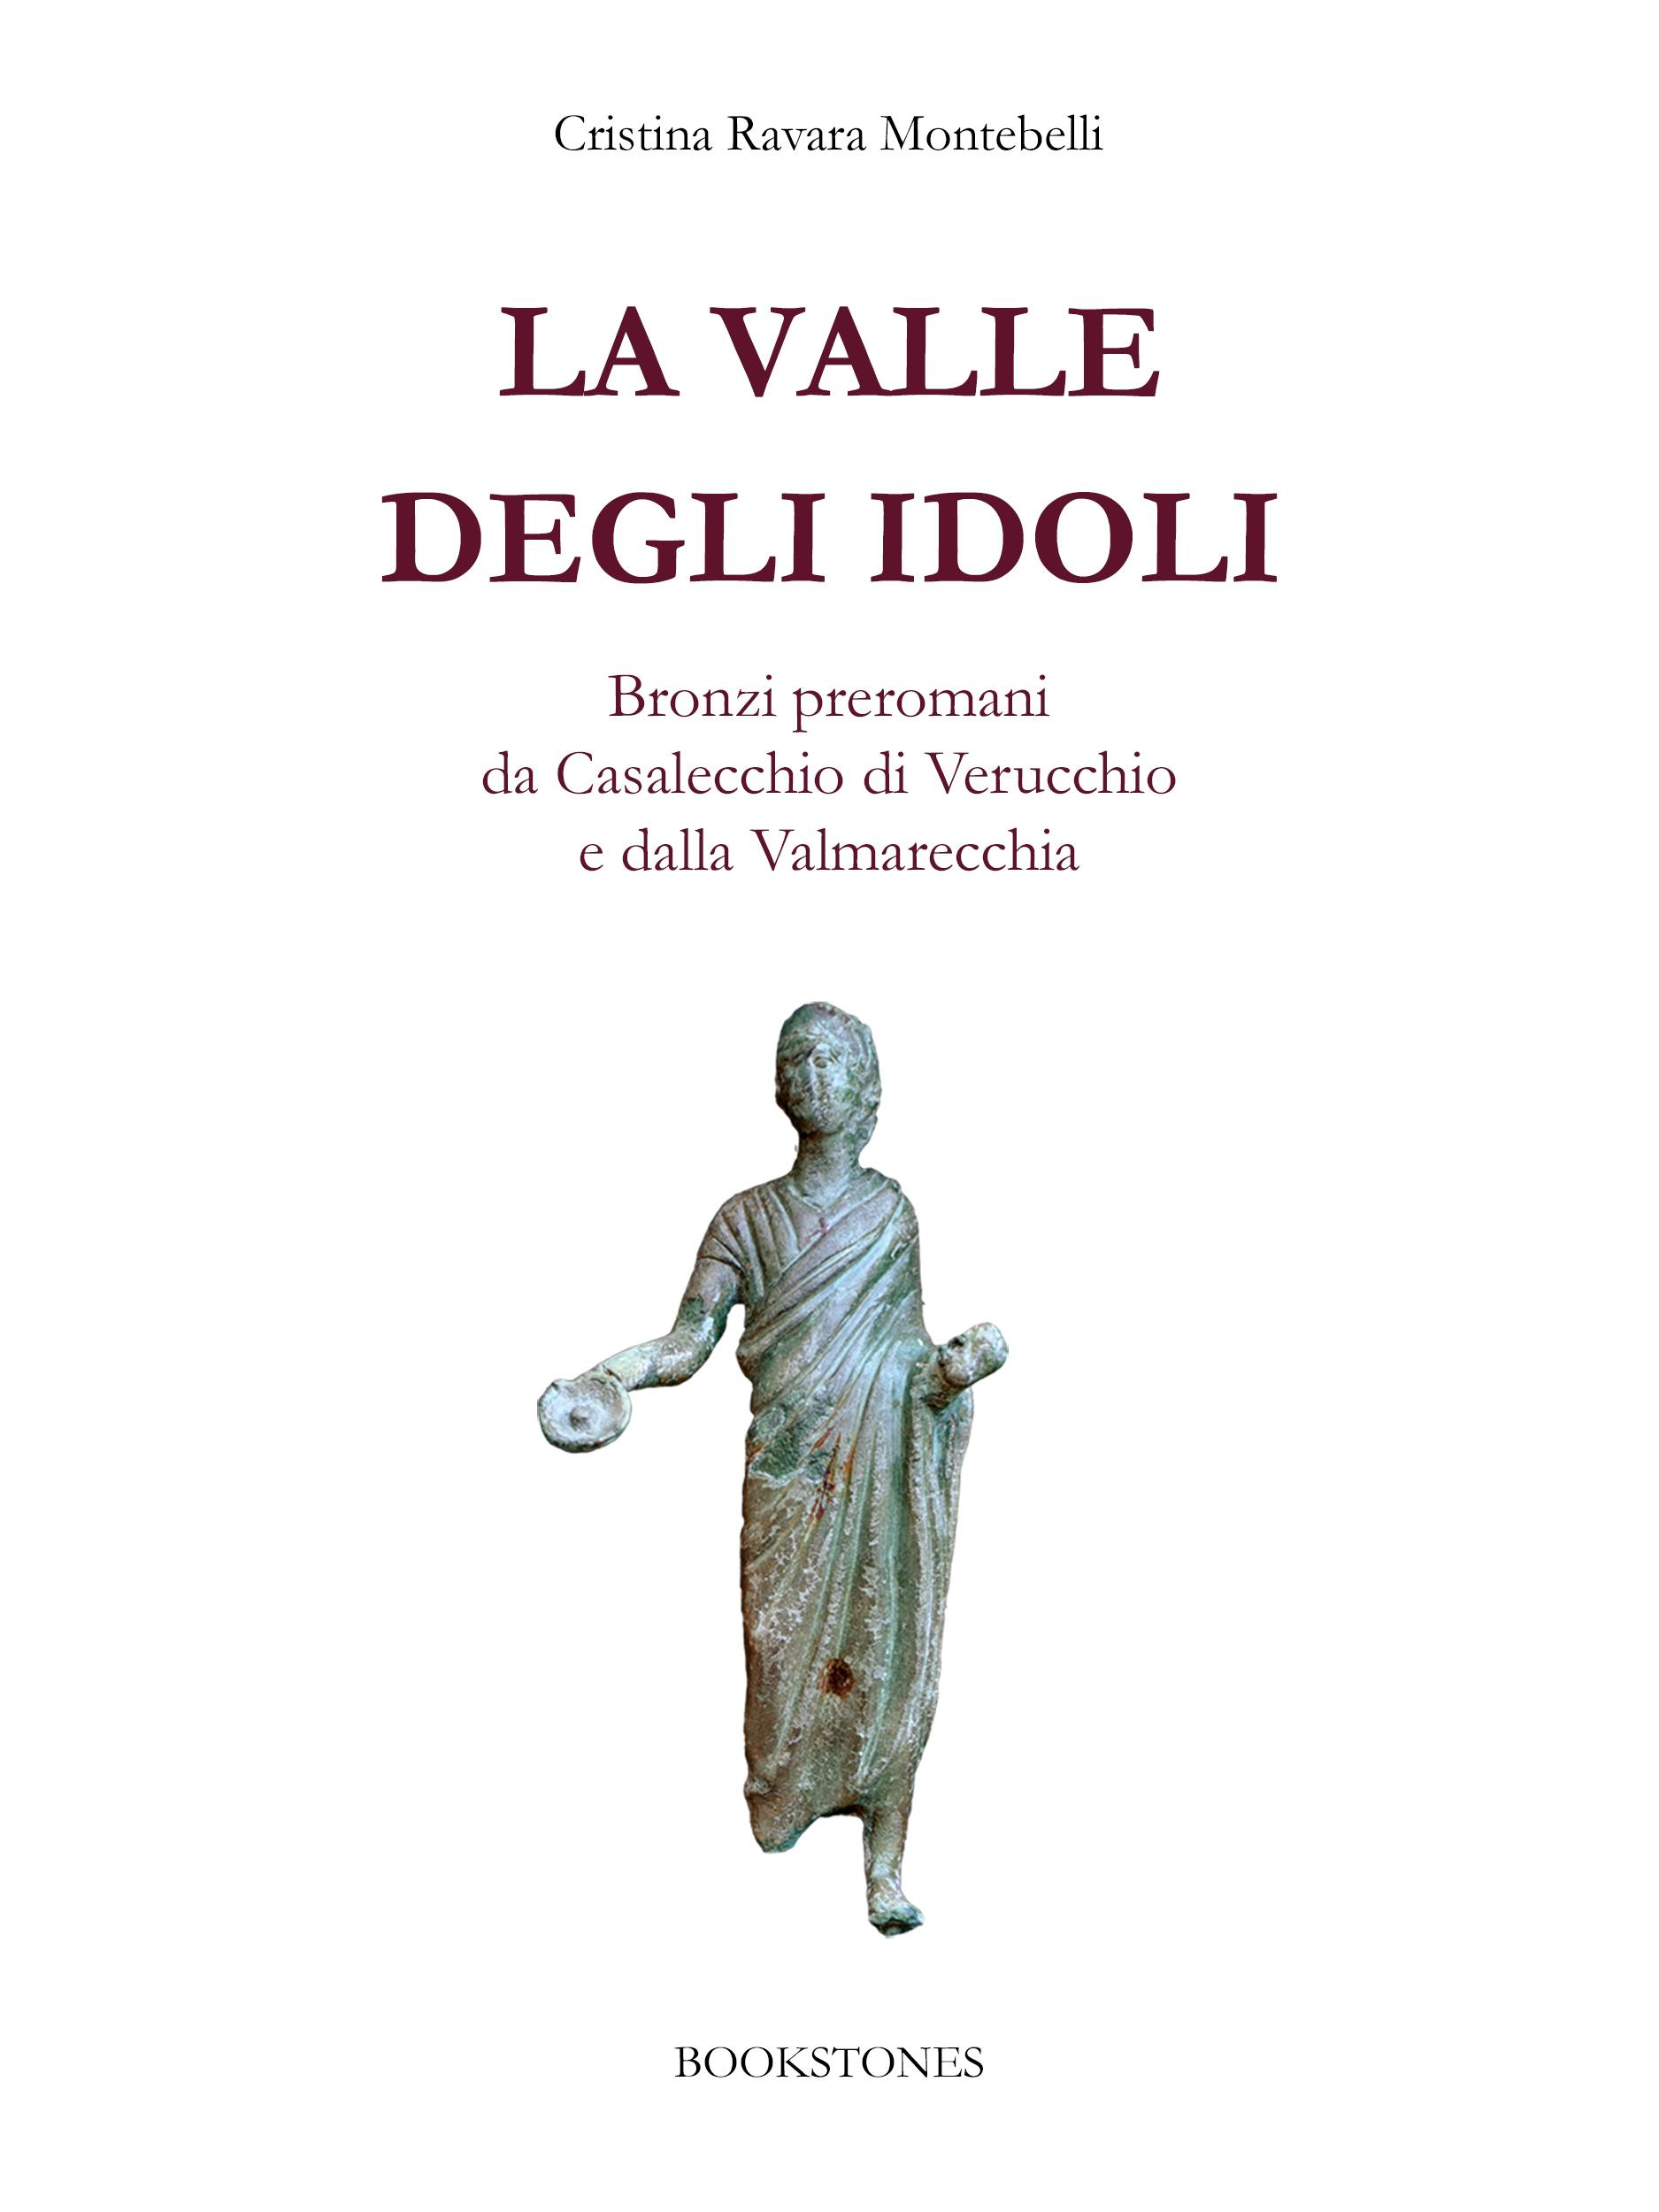 La Valle Degli Idoli Cristina Ravara